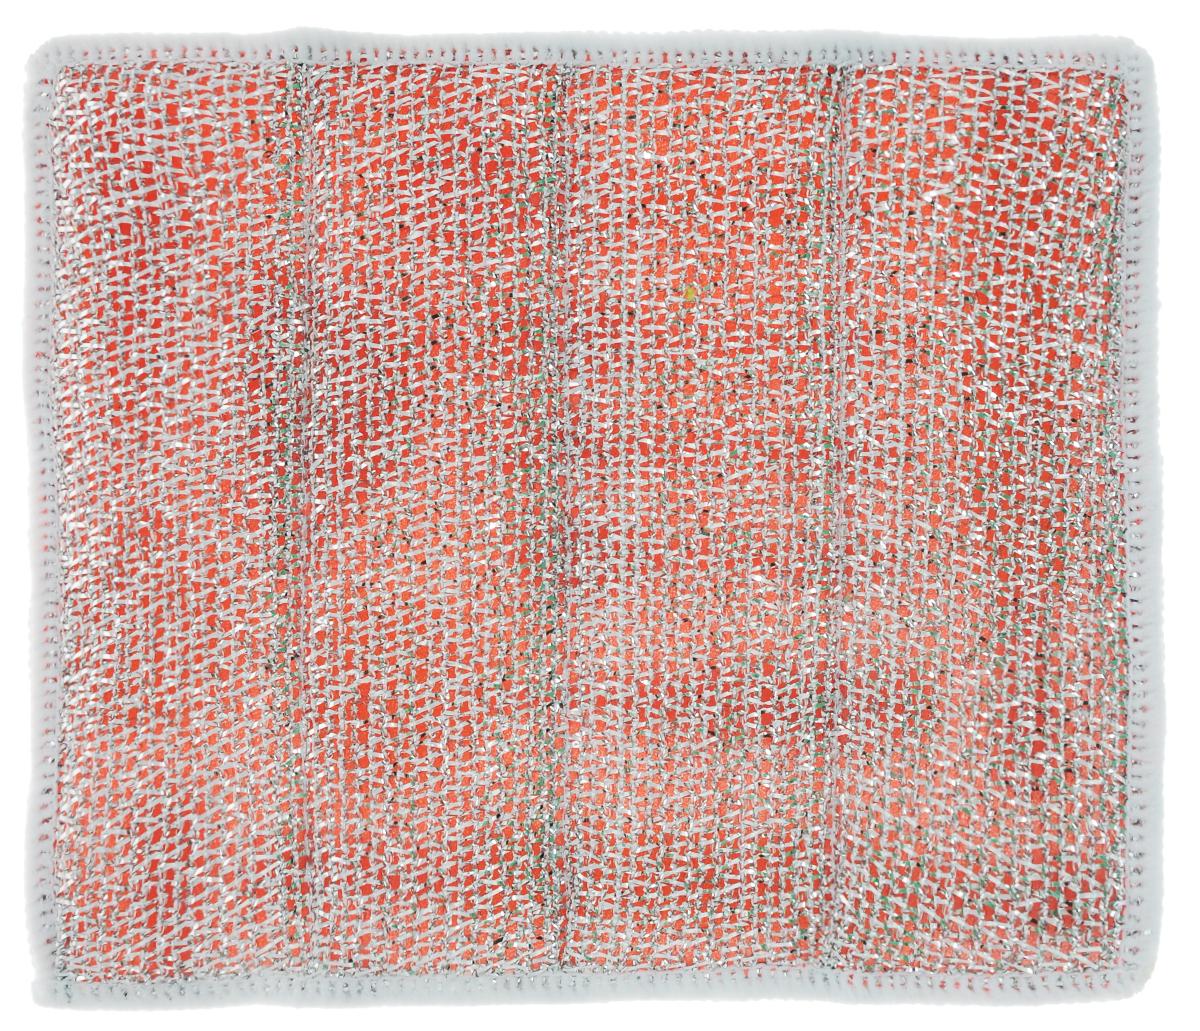 Салфетка для стеклокерамических плит Хозяюшка Мила, цвет: серебристый, красный, белый, 21 х 17 см04024-150Салфетка для стеклокерамических плит Хозяюшка Мила станет незаменимым помощником на кухне. Жесткая сторона из фольгированного материала предназначена для очистки сильно загрязненных поверхностей. Мягкая сторона из микрофибры прекрасно впитывает влагу, удаляет грязь и пыль с деликатных поверхностей. Размер салфетки: 21 см х 17 см.